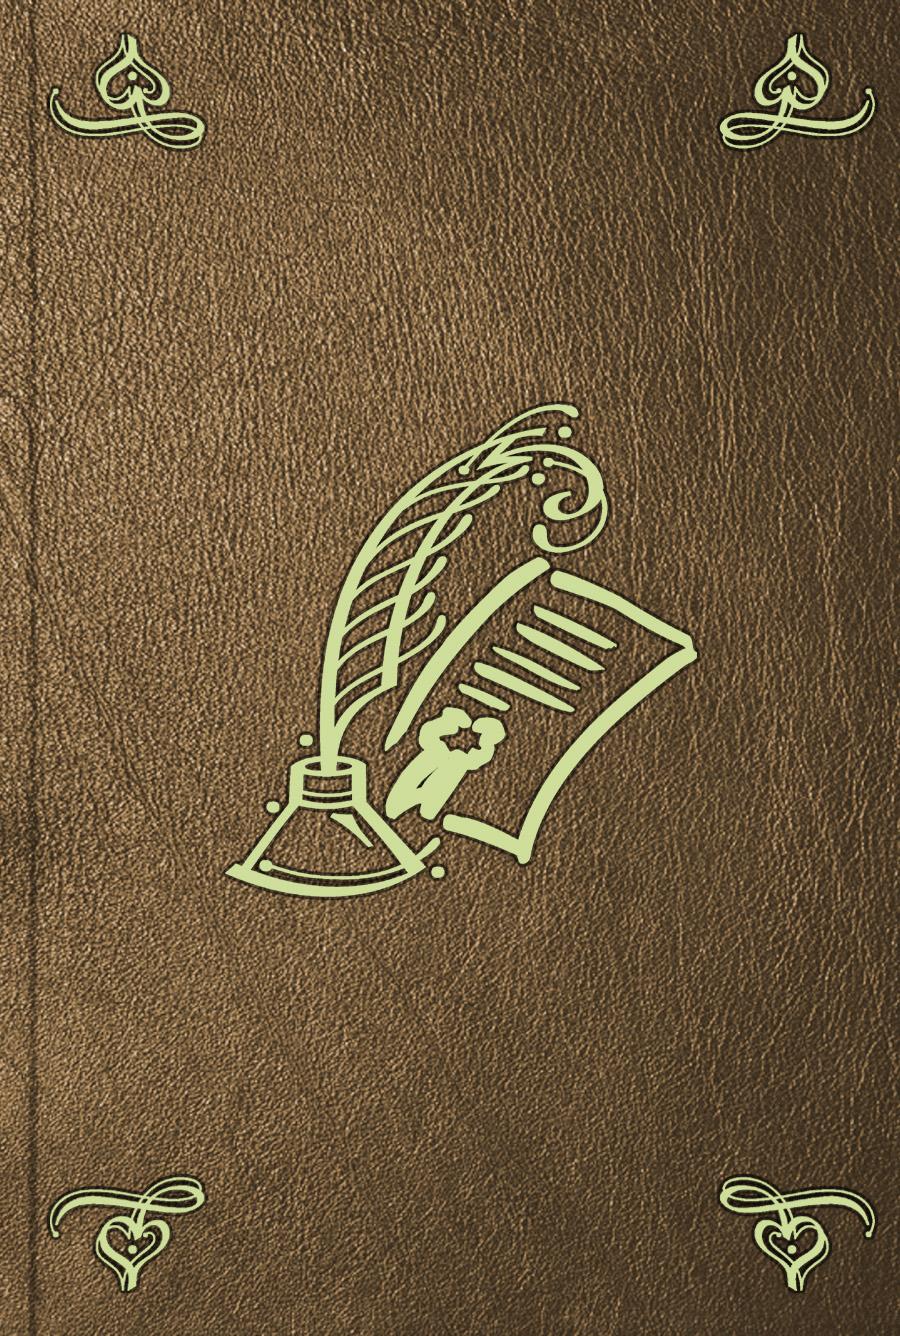 Отсутствует Реэстр: Определенным в коллегии, канцелярии и канторы членам и в губернии в губернаторские товарыщи отсутствует постановление коммерц коллегии